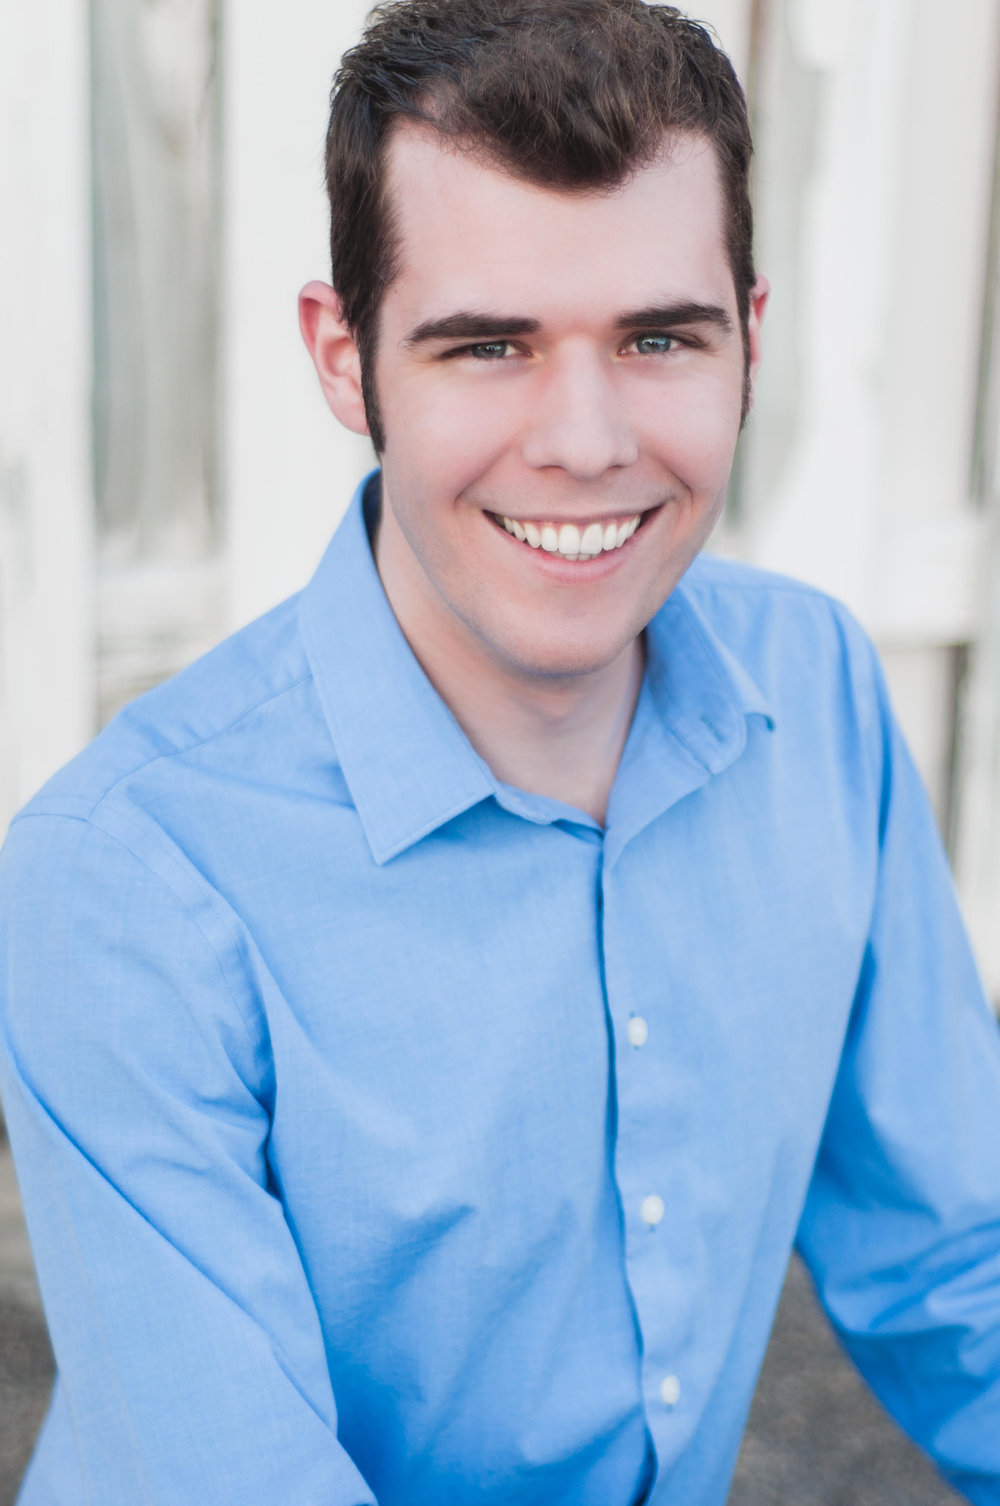 Zach Ivins Headshot